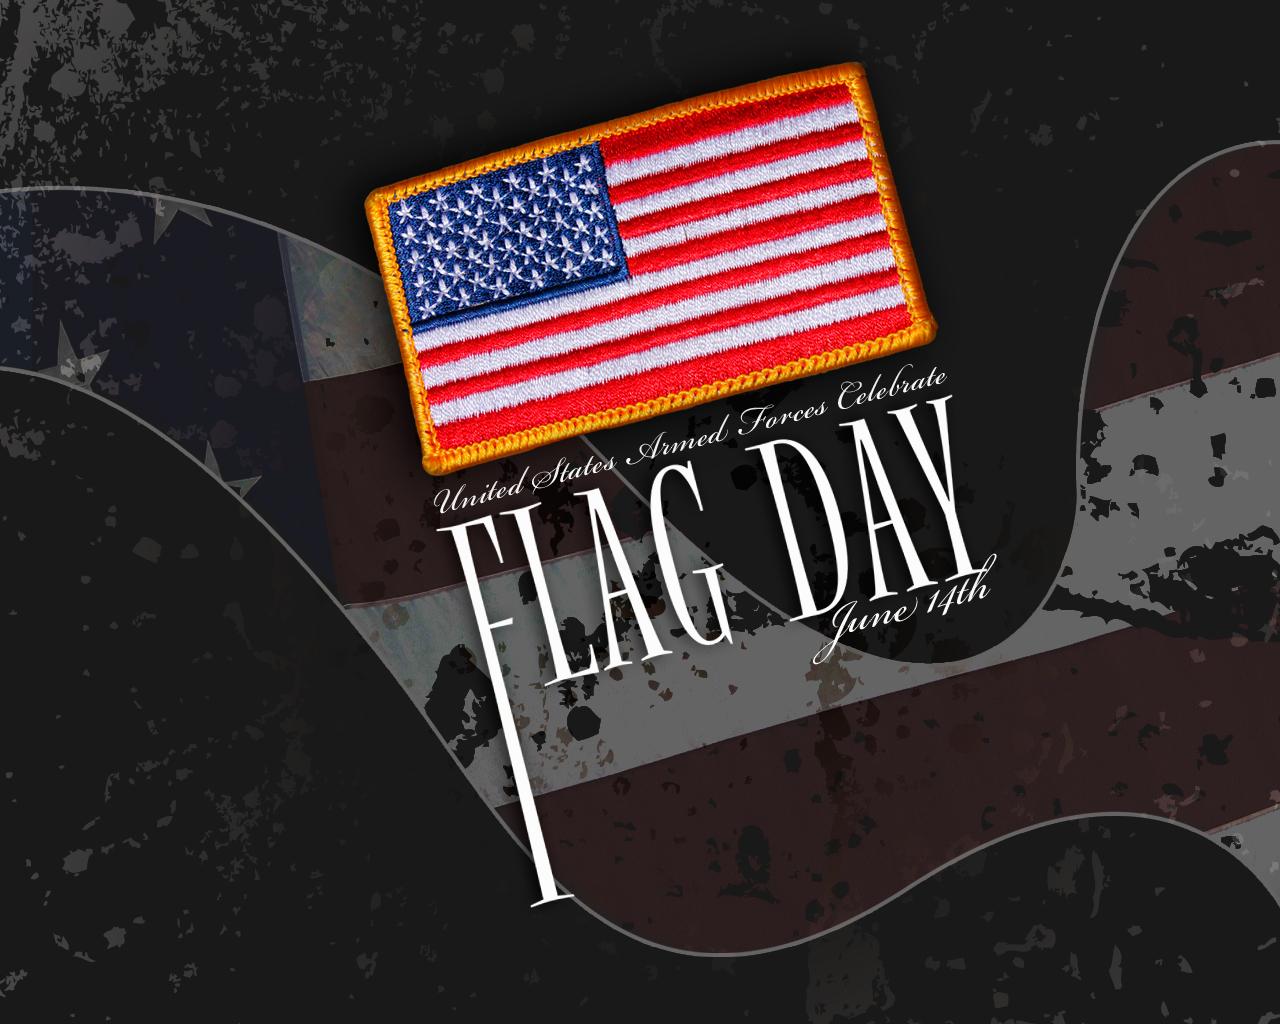 http://3.bp.blogspot.com/-cbZiZUCoKnk/TebX7UsR-SI/AAAAAAAAPt8/xDVd_BltV7s/s1600/Flag_Day_June_14th.jpg